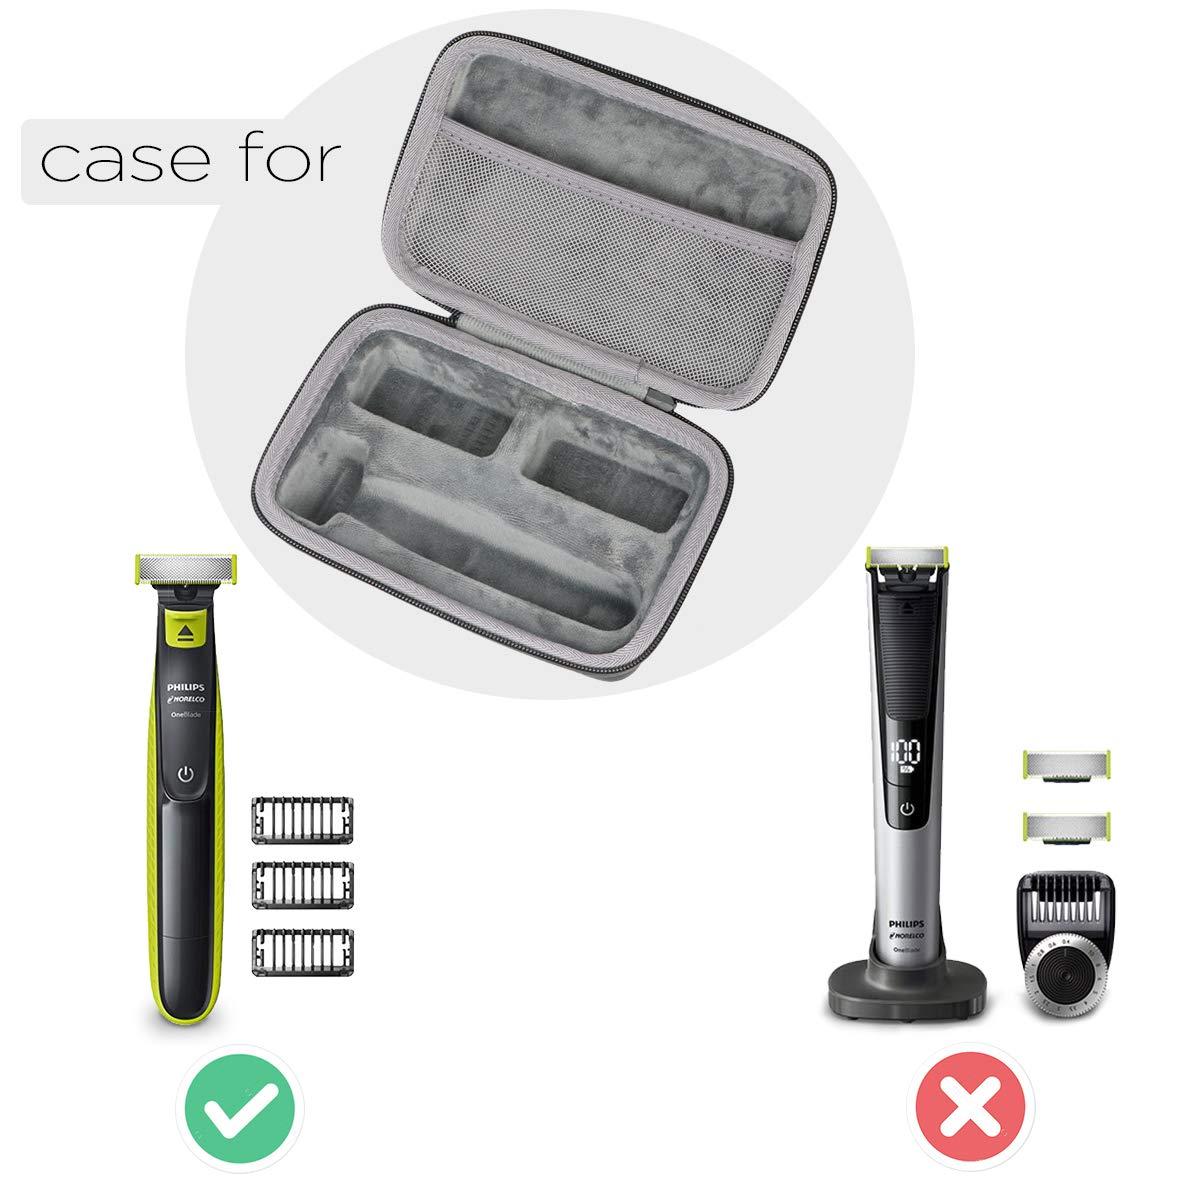 Amazon.com: co2crea - Funda rígida de viaje para afeitadora ...